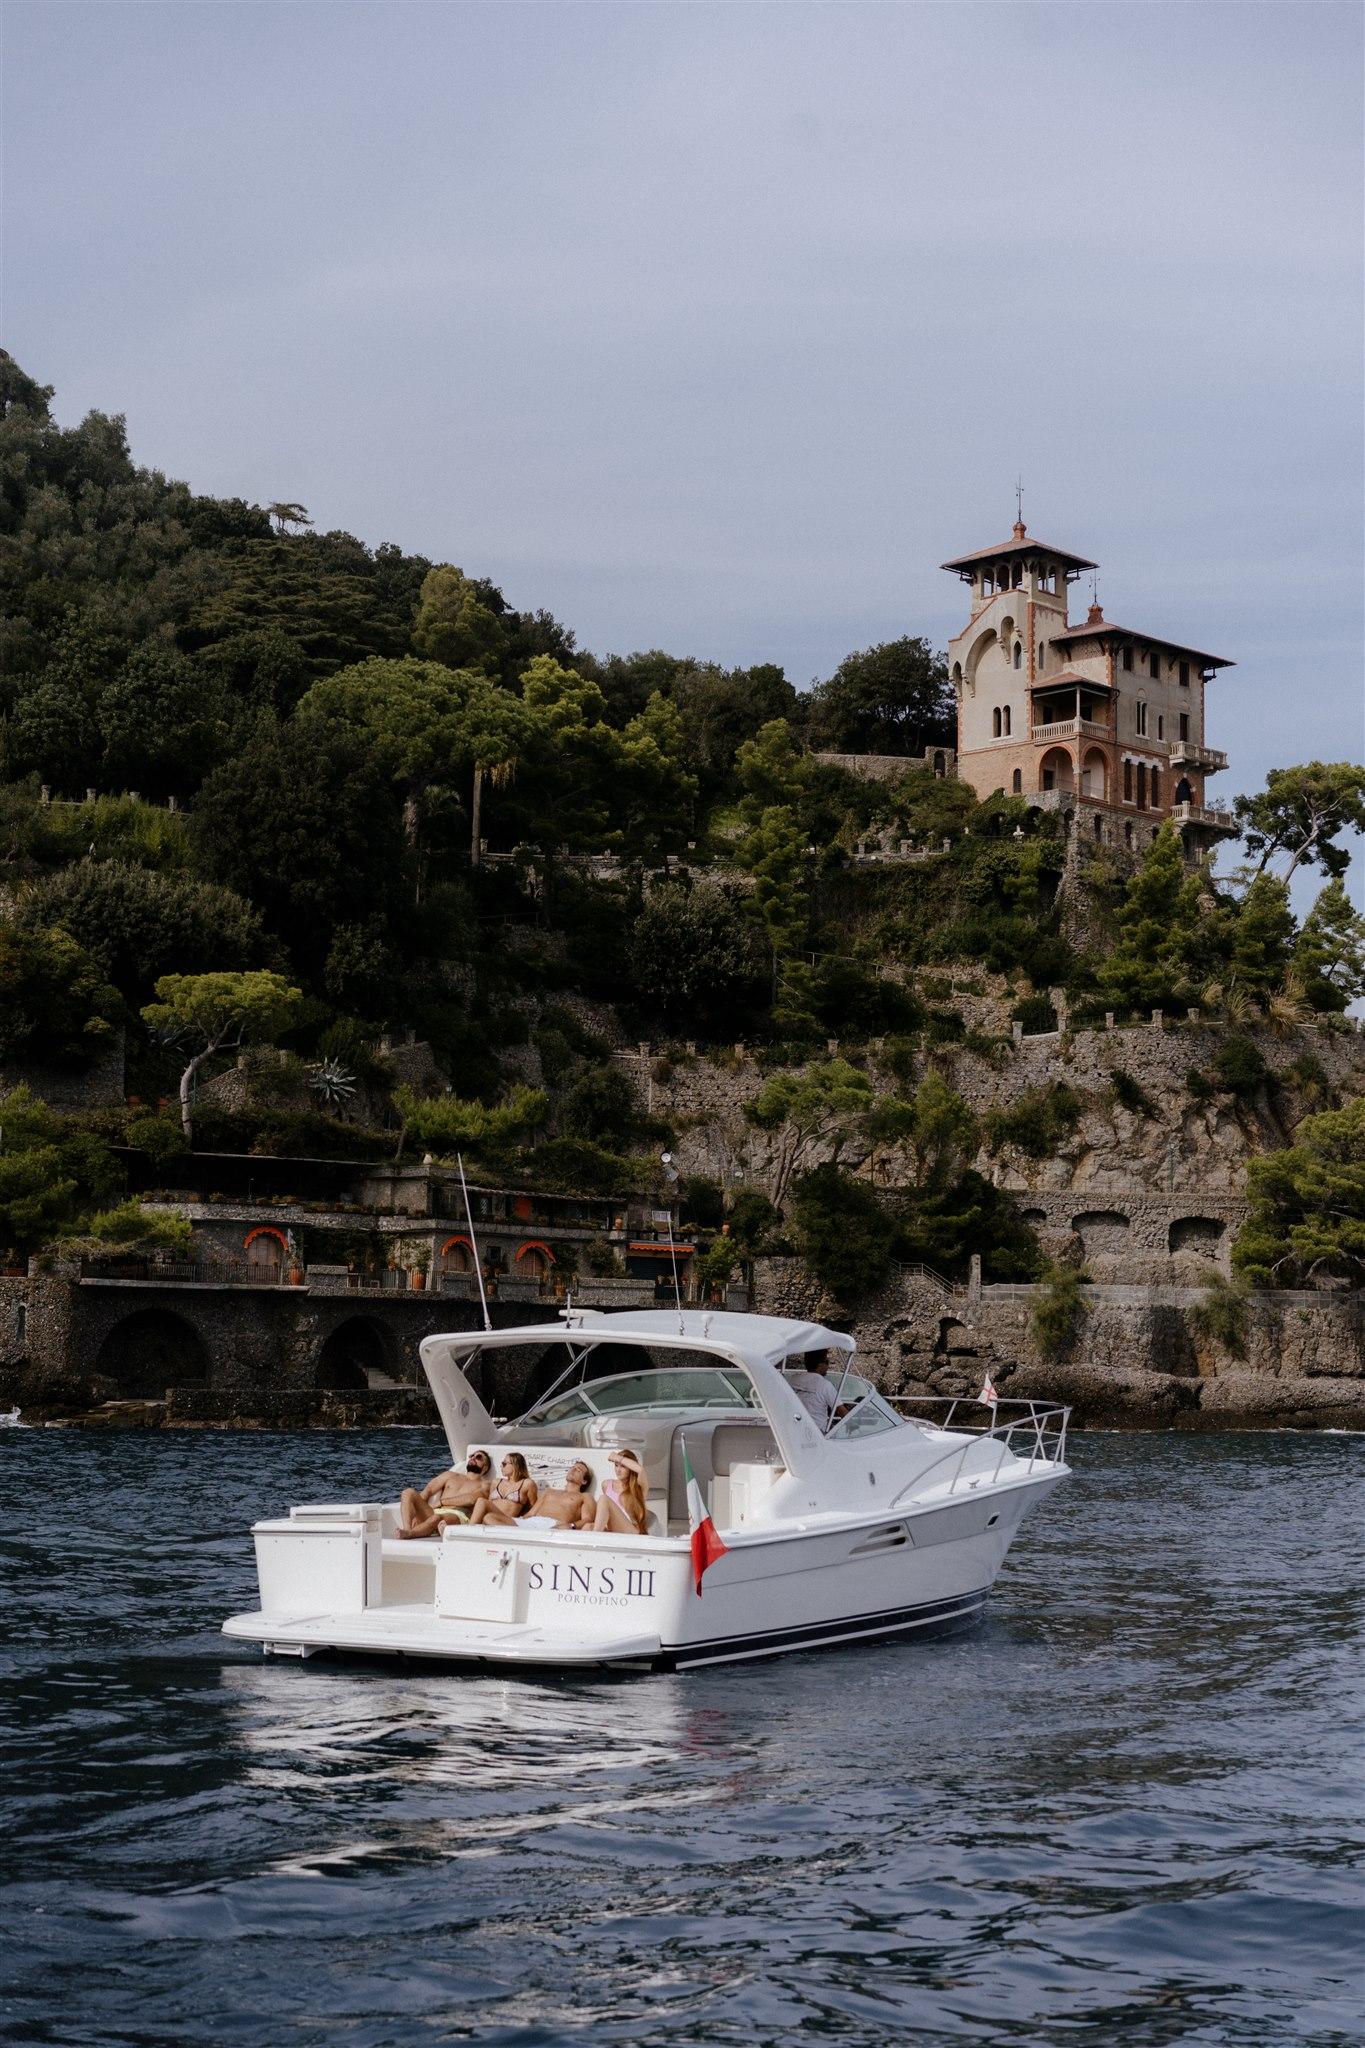 Cesare Charter Portofino - Servizi tour, charter e transfer marittimi